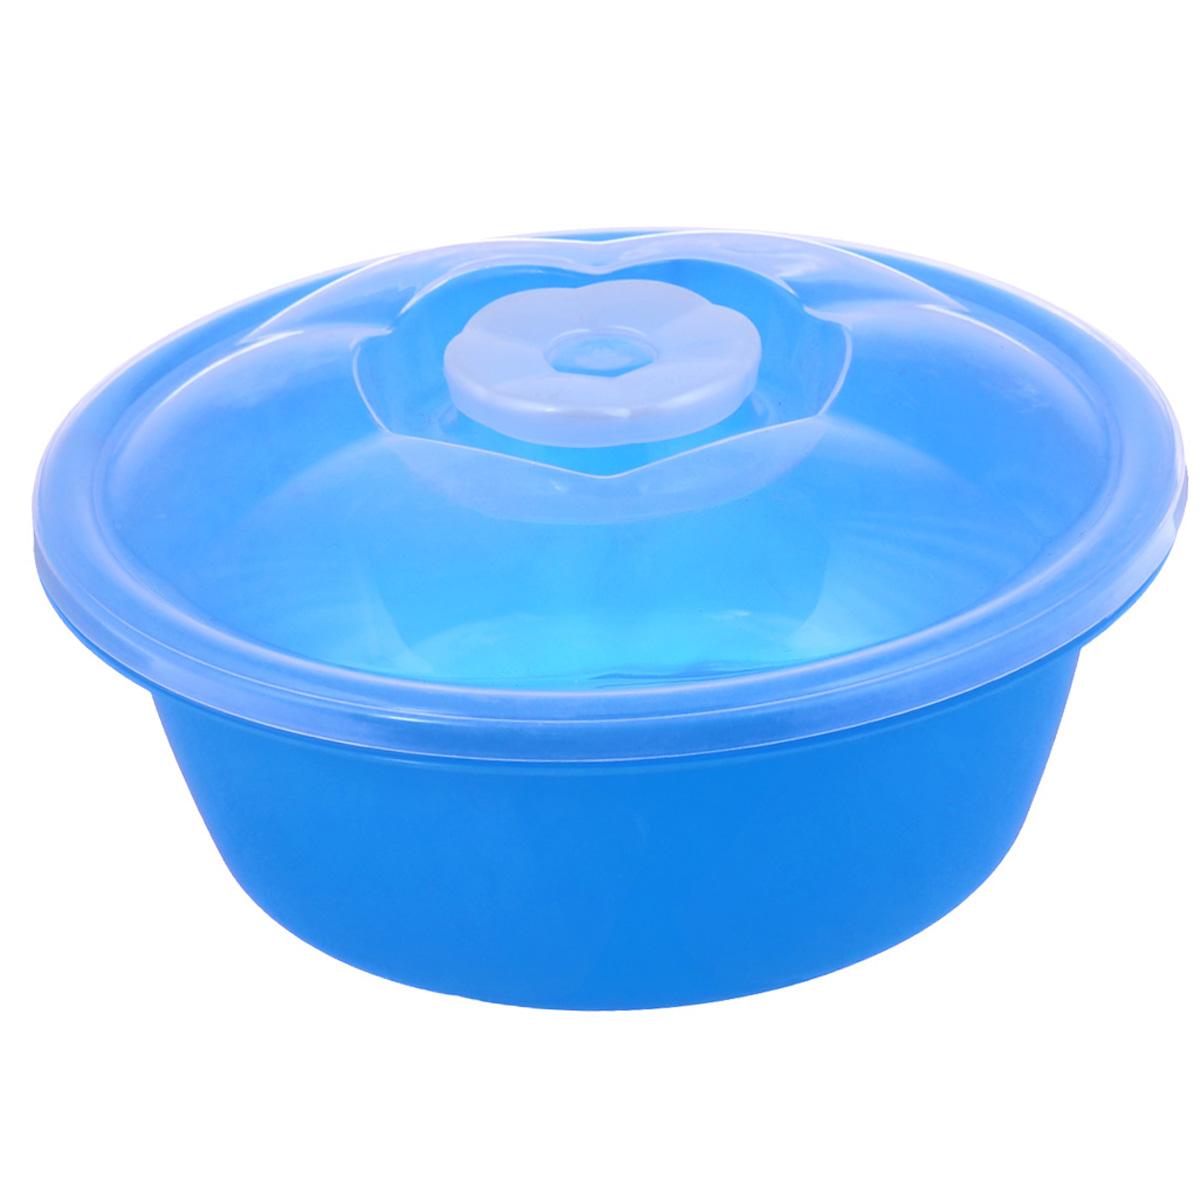 Миска Dunya Plastik, с крышкой, цвет: голубой, прозрачный, 1,7 л-10422-_голубаяМиска Dunya Plastik, изготовленная из пластика, имеет круглую форму. Изделие оснащено плотно закрывающейся крышкой. Такая миска прекрасно подойдет для хранения различных бытовых предметов, пищевых продуктов. Объем: 1,7 л